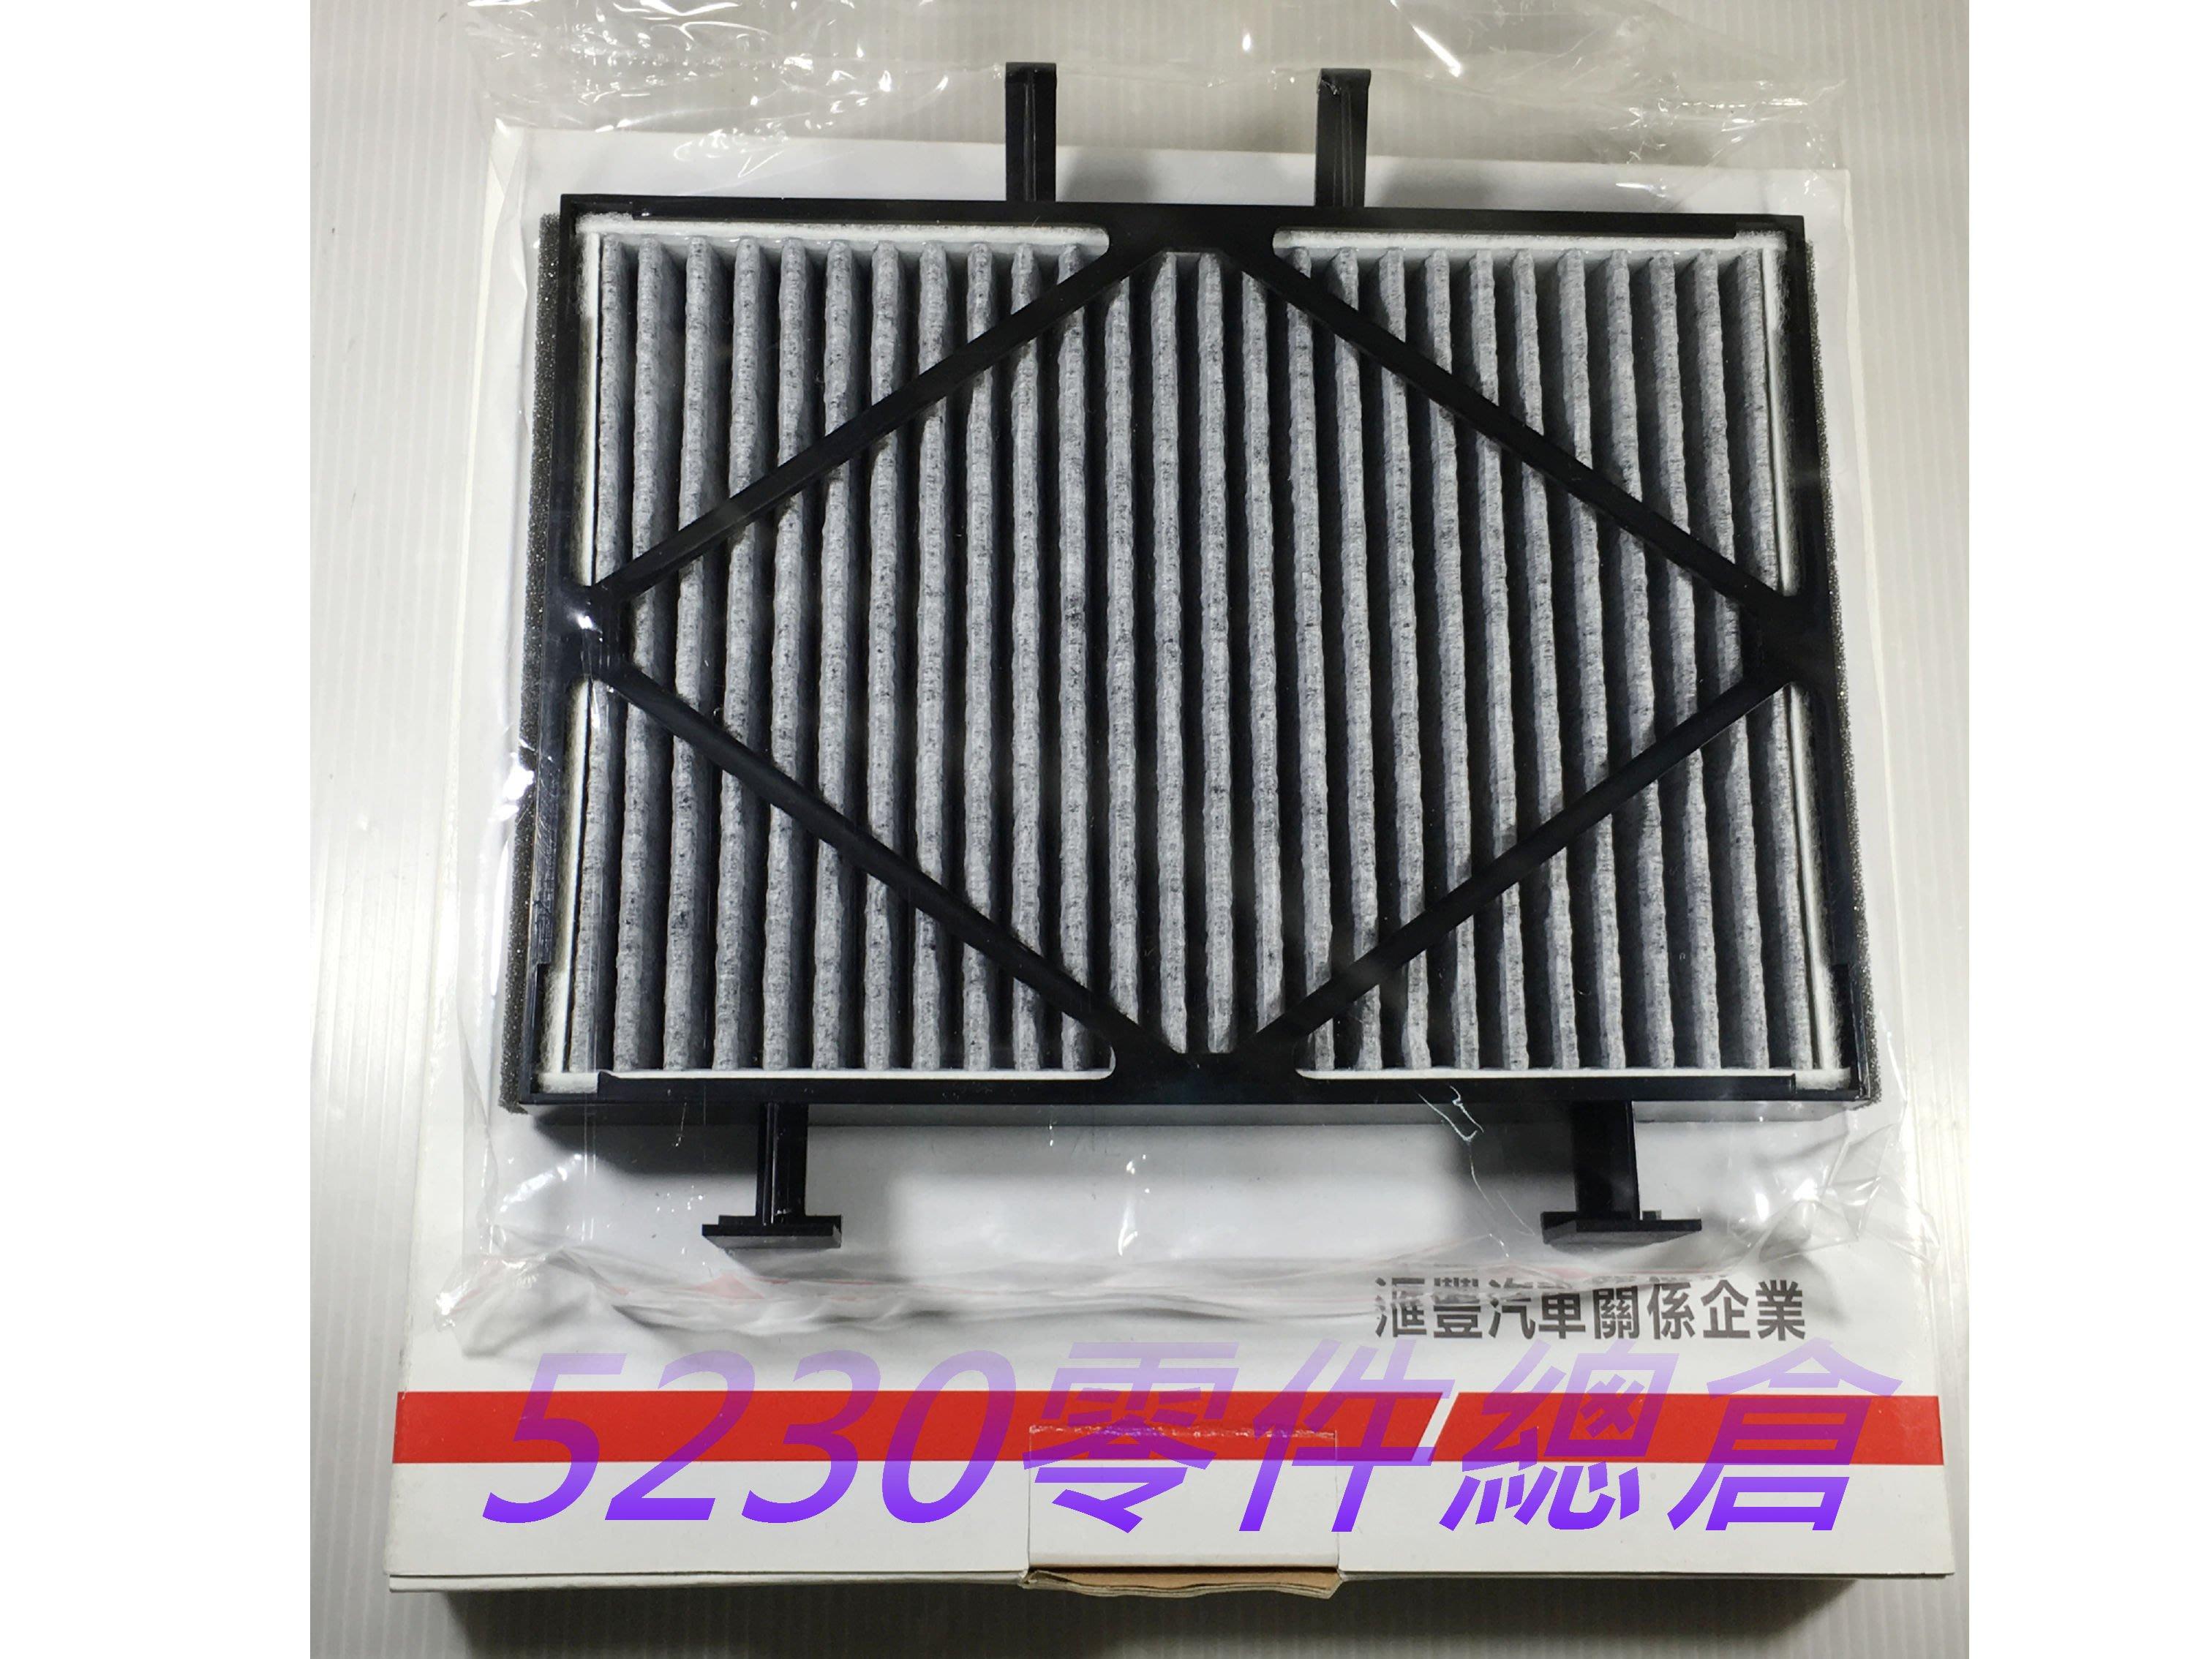 中華 三菱 匯豐 SAVRIN 2.0 2.4 冷氣濾網 冷氣芯 冷氣濾清器 蜂巢顆粒活性碳 專案價